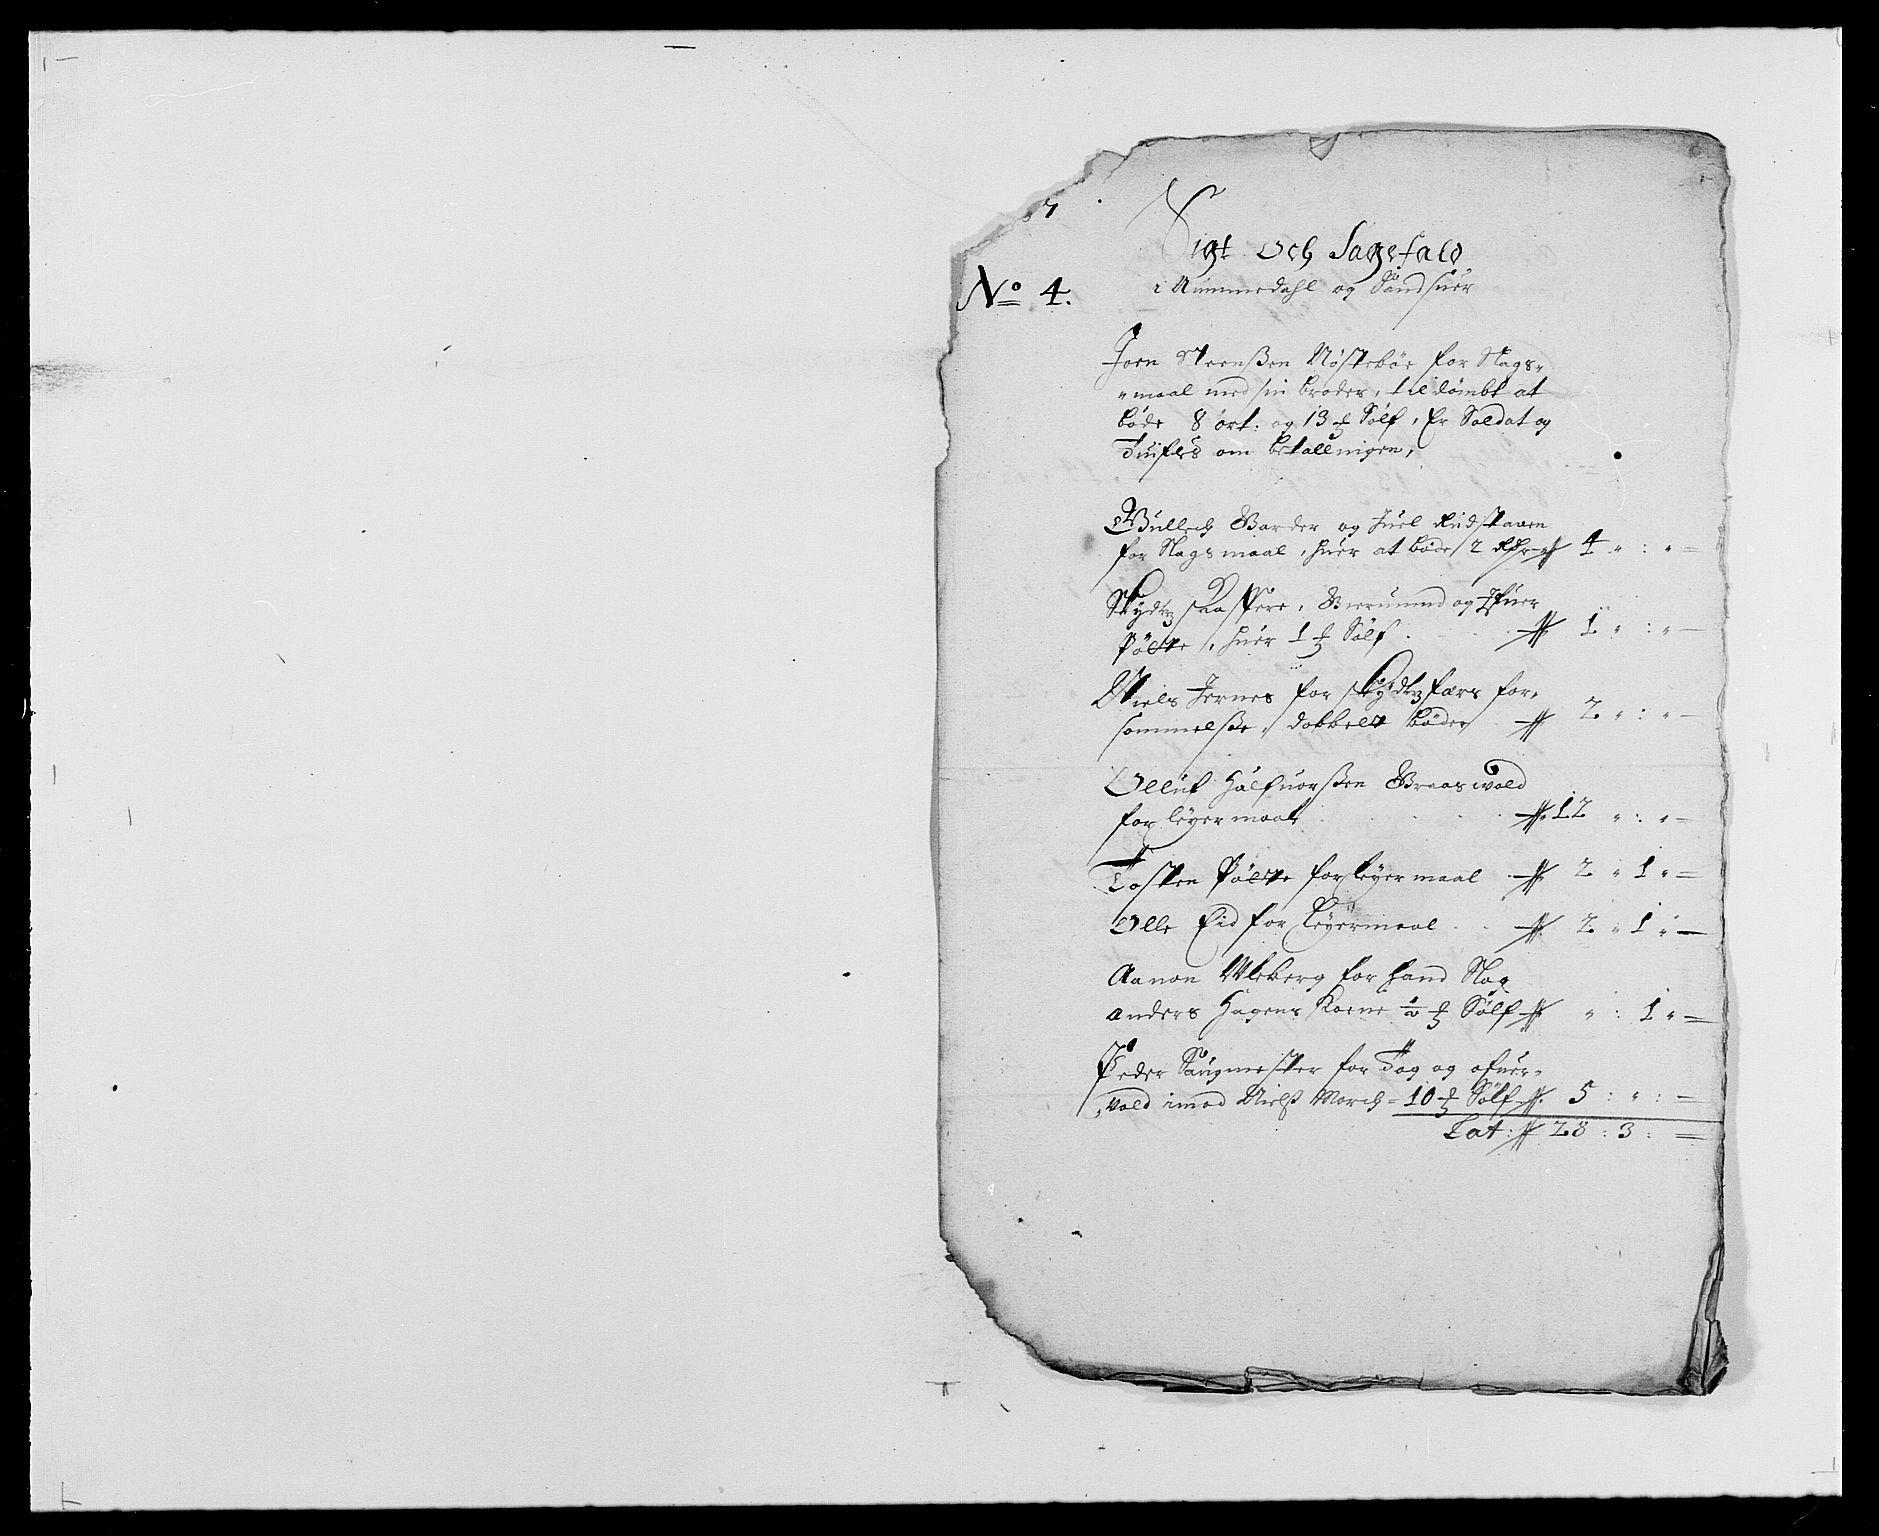 RA, Rentekammeret inntil 1814, Reviderte regnskaper, Fogderegnskap, R24/L1573: Fogderegnskap Numedal og Sandsvær, 1687-1691, s. 29